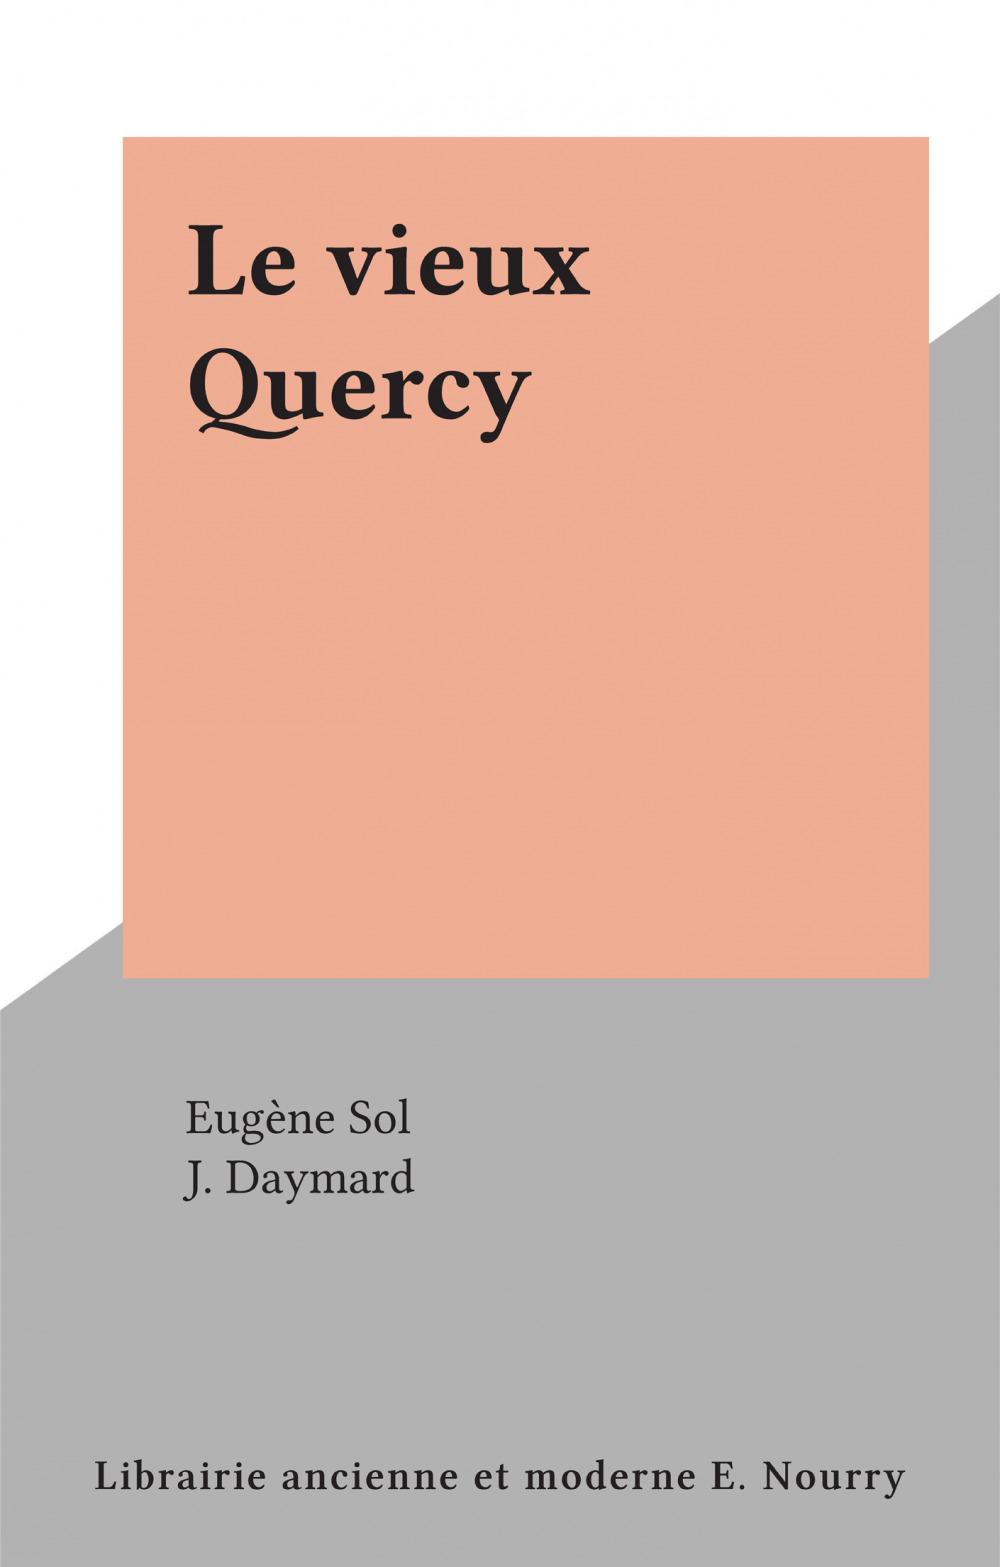 Le vieux Quercy